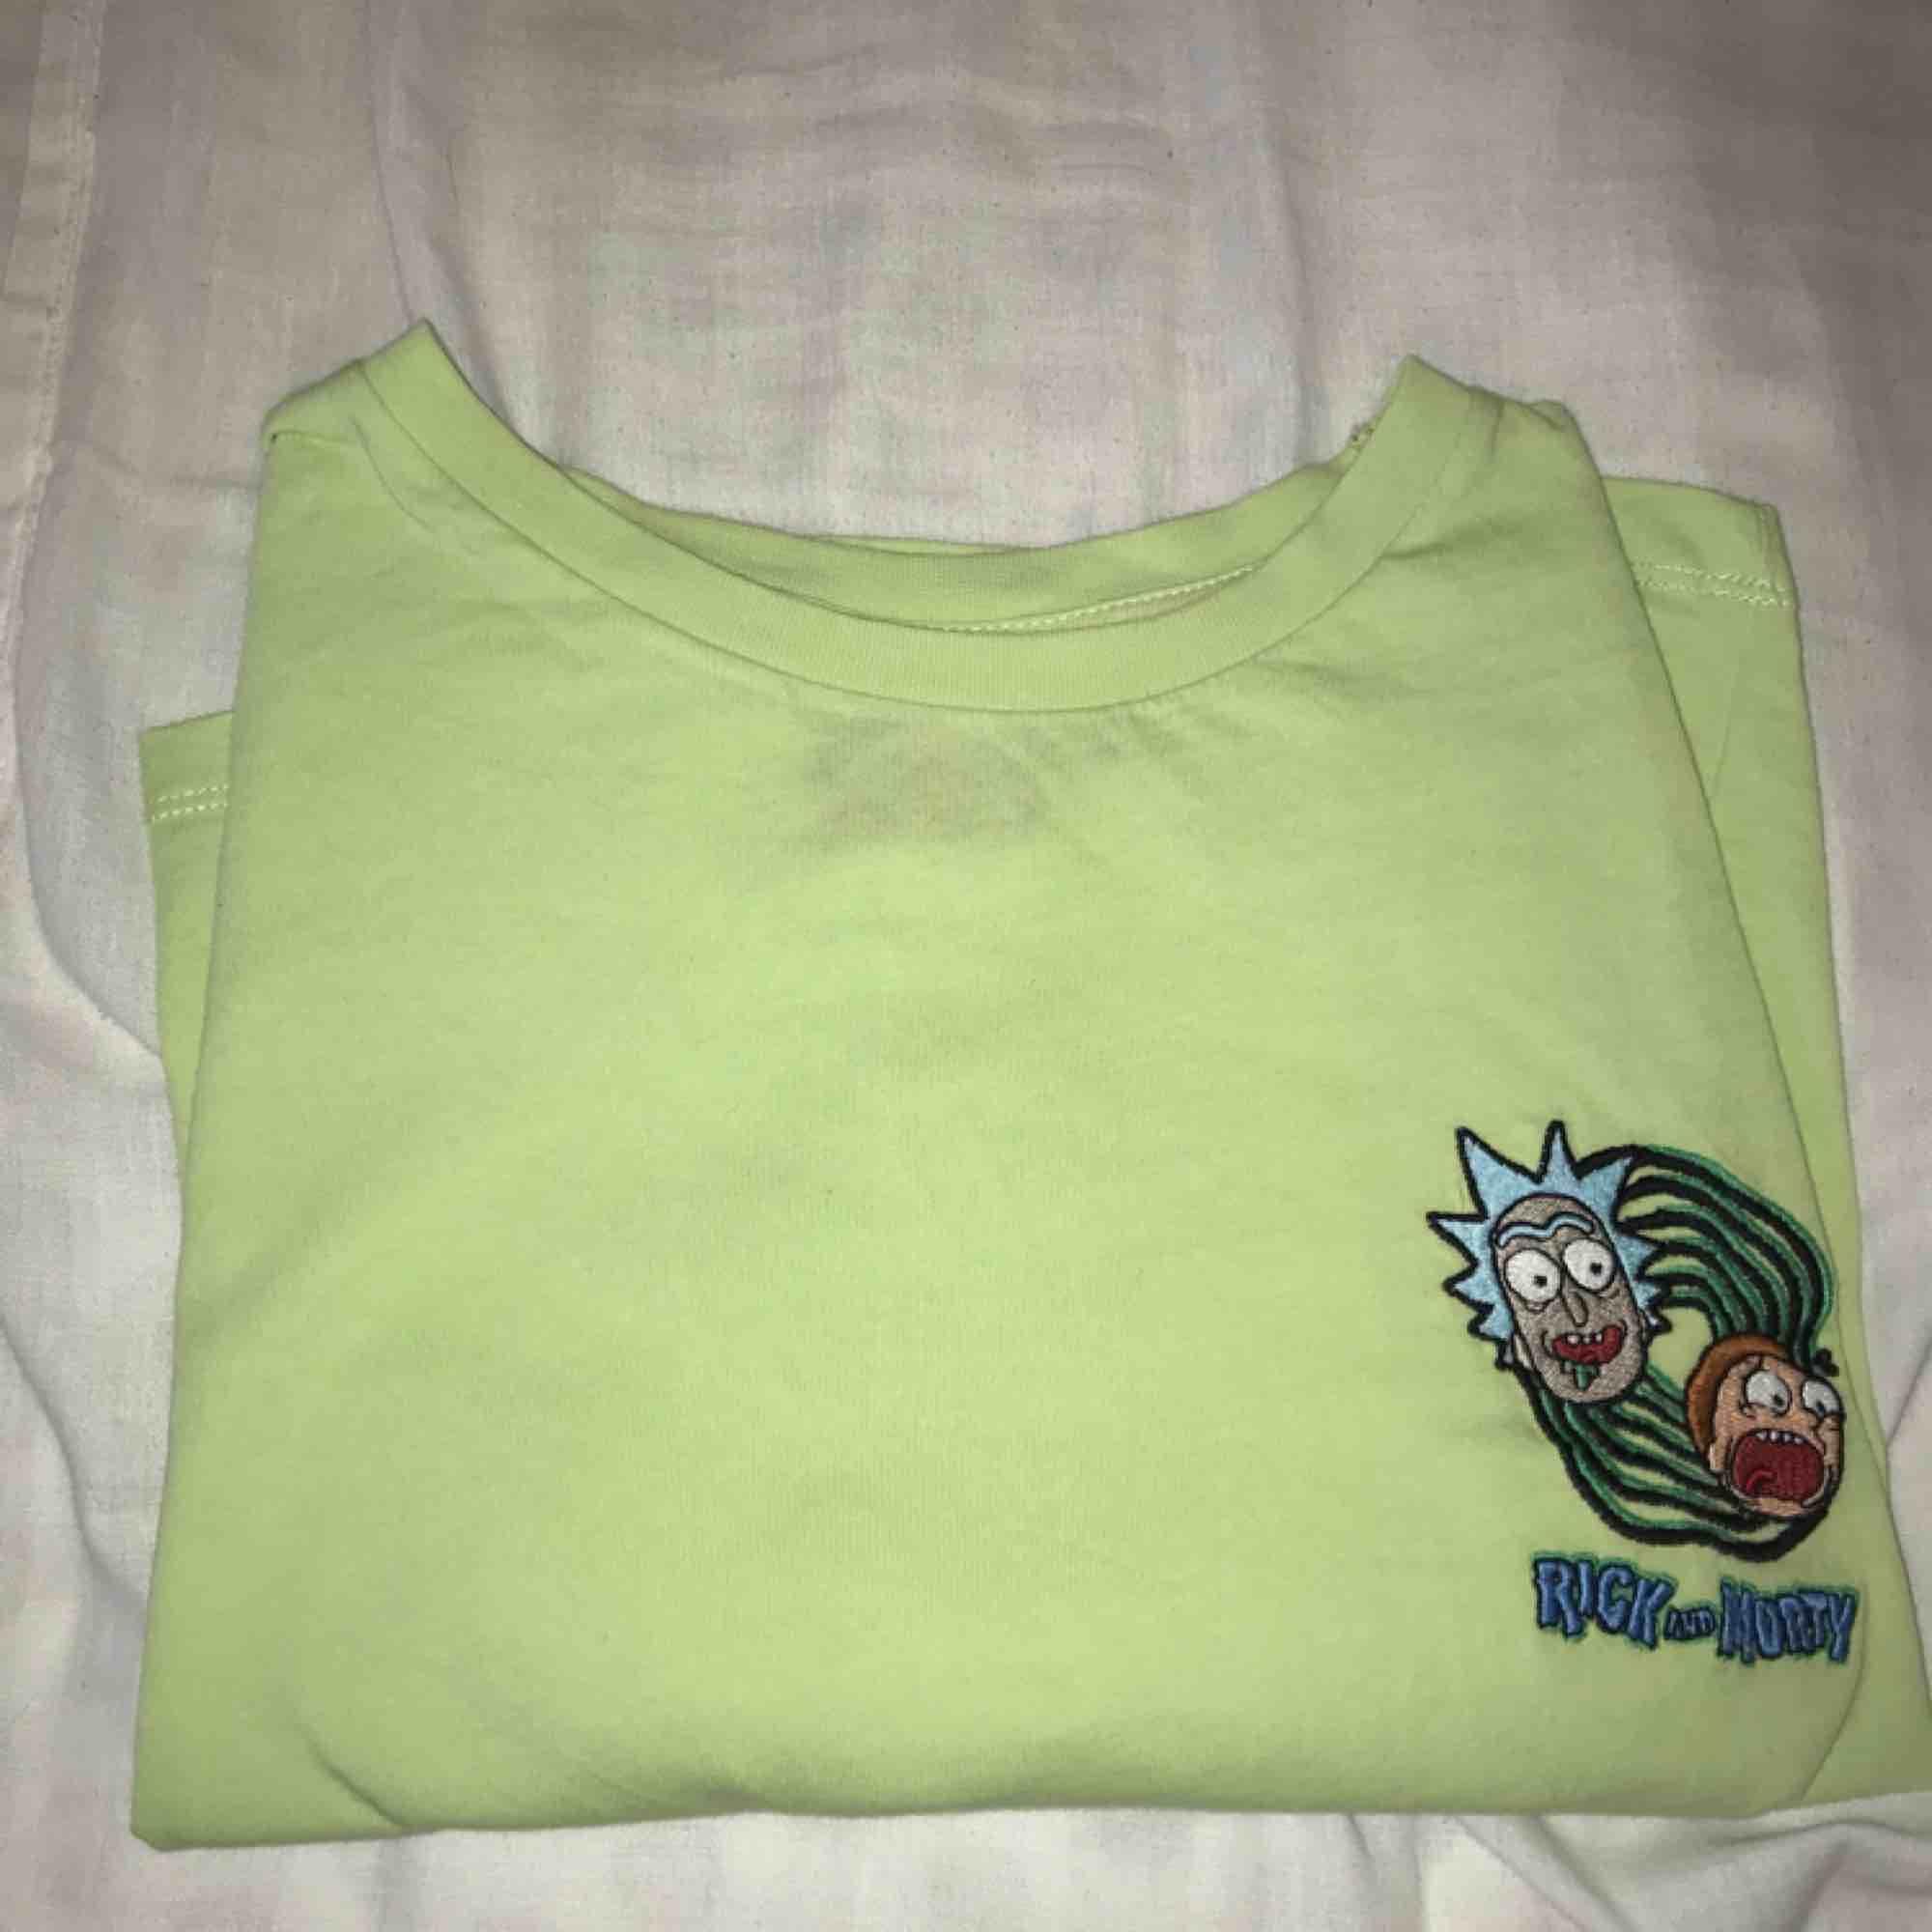 Snygg neon grön Rick and morty tisha som säljs pga av att den är för stor för mig (jag är 1,64cm lång), priset går att diskuteras och frakt tillkommer!. T-shirts.